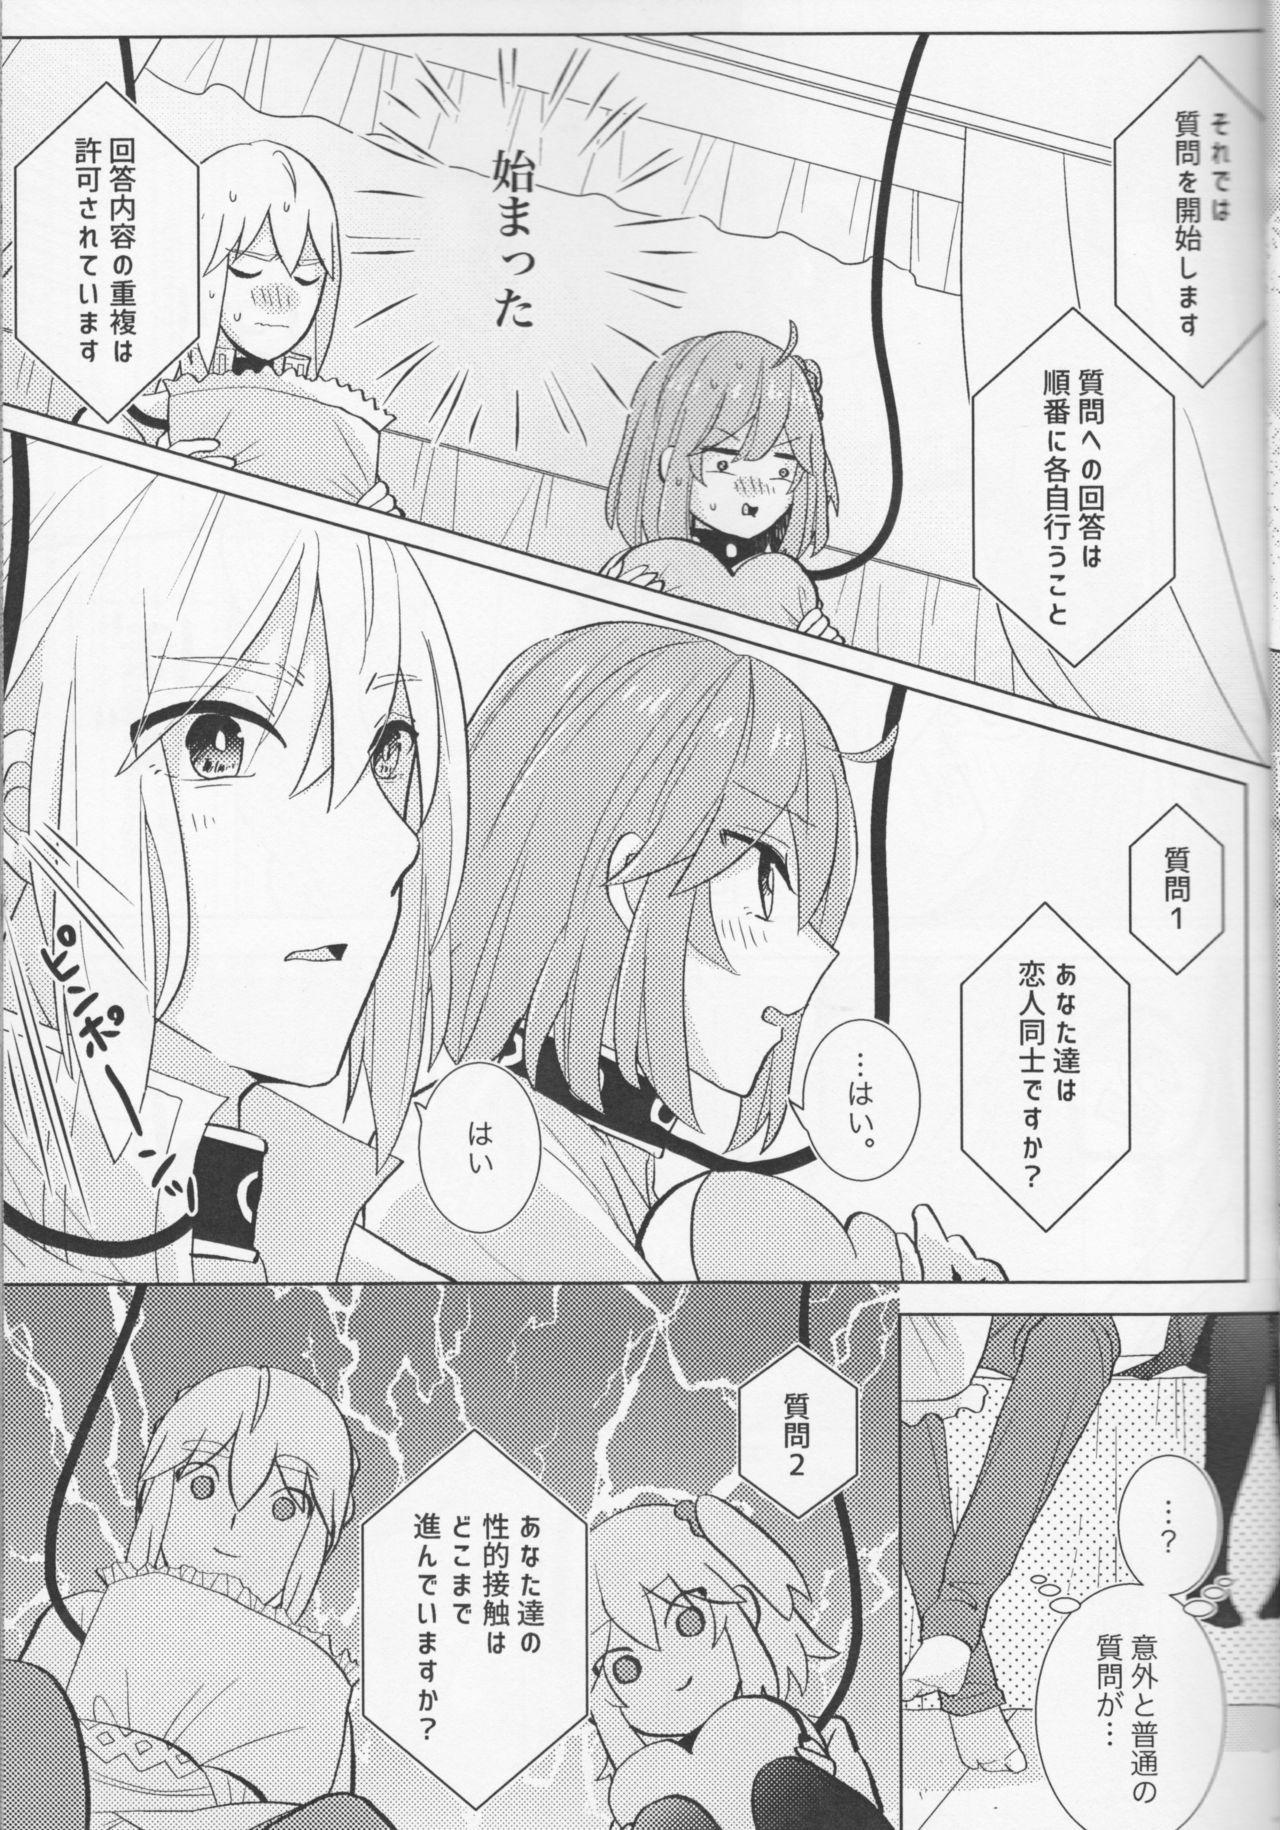 Kirakira Koboreru, Kimi to no Waidan 12